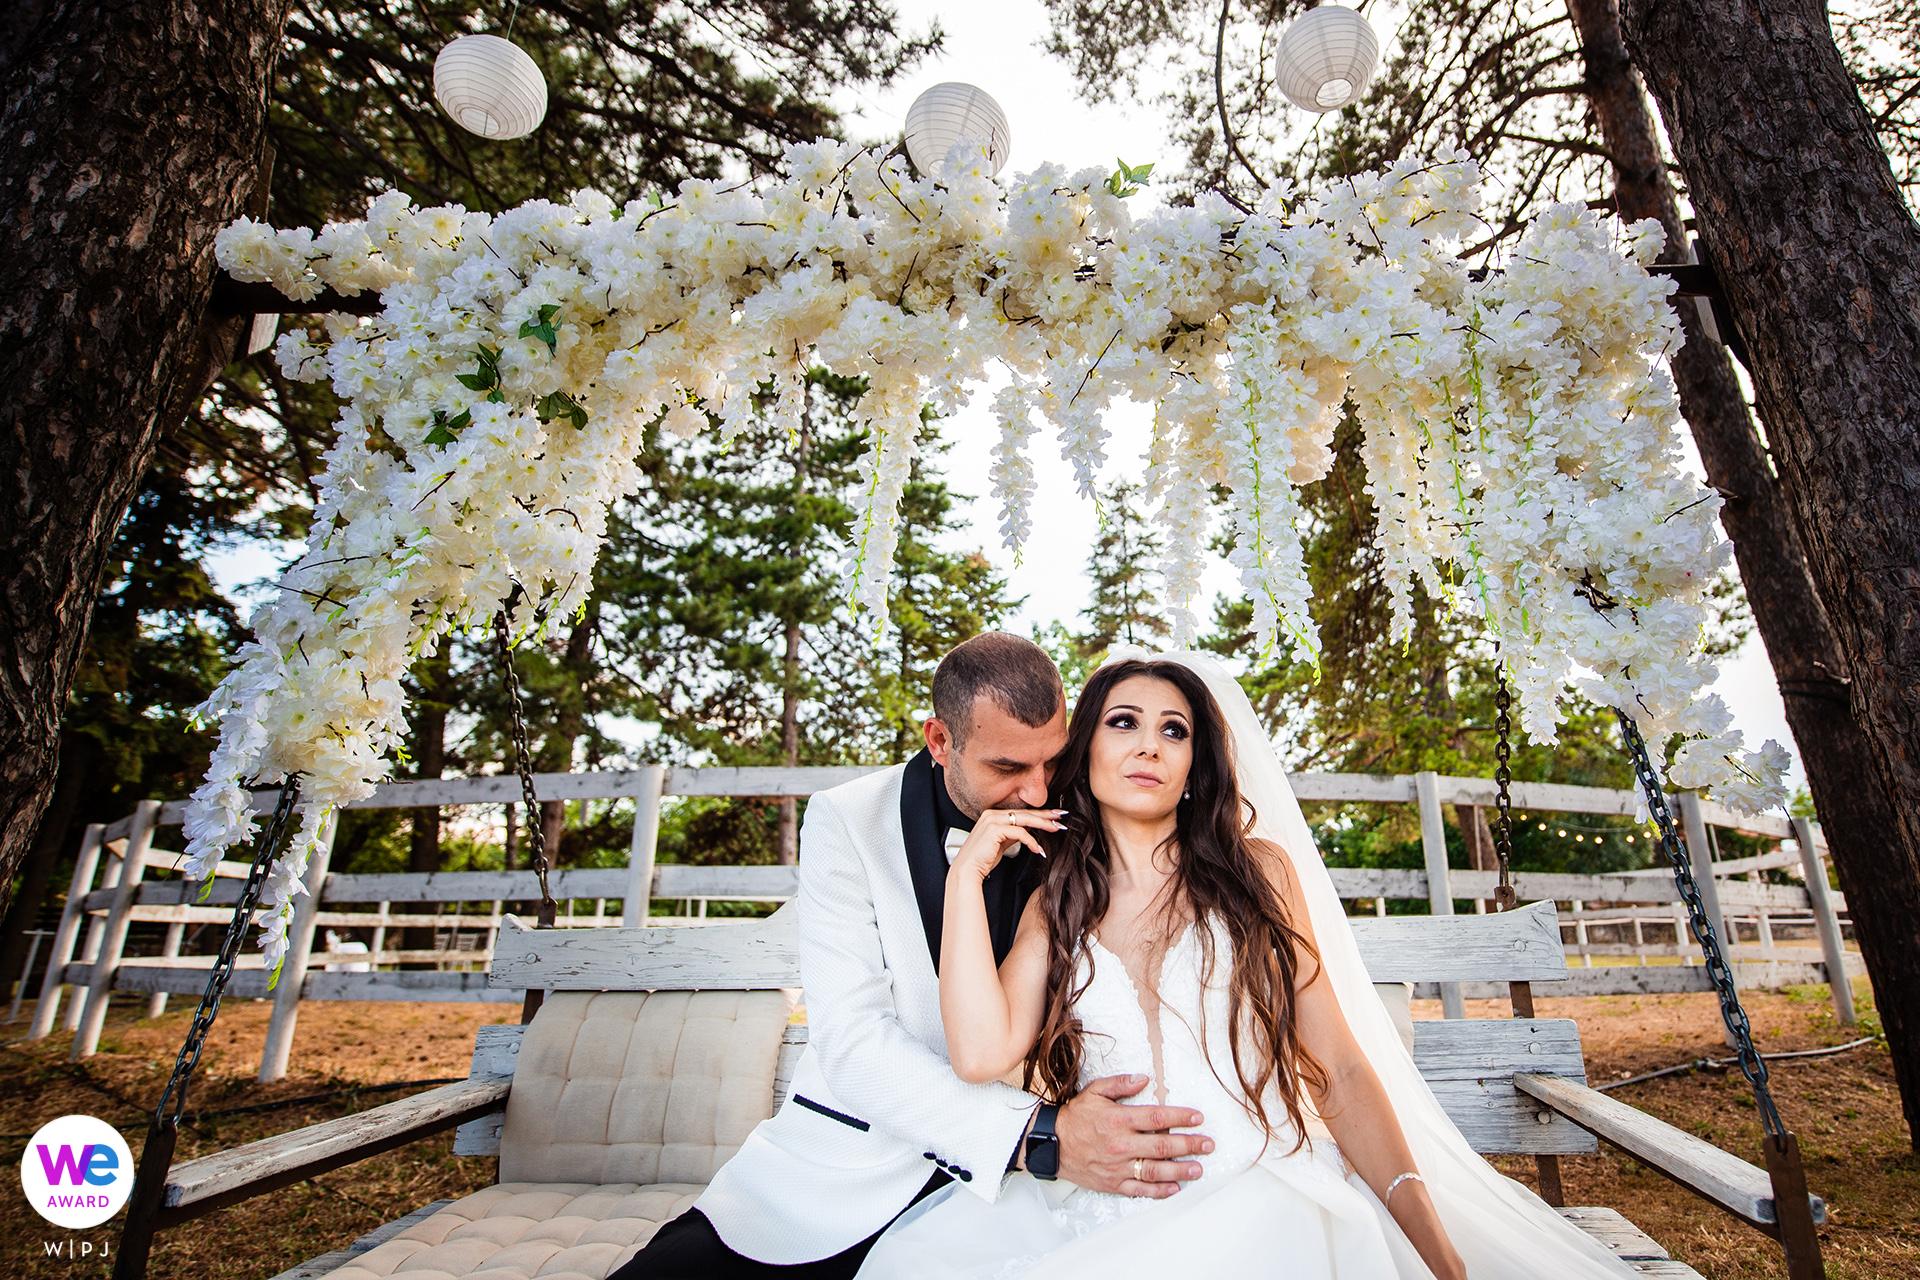 Fotos vom Guest House Ongal, einem 3-Sterne-Hotel - Karpacheva, Bulgarien | Das Brautpaar hat einen entspannten Moment auf der Wiege